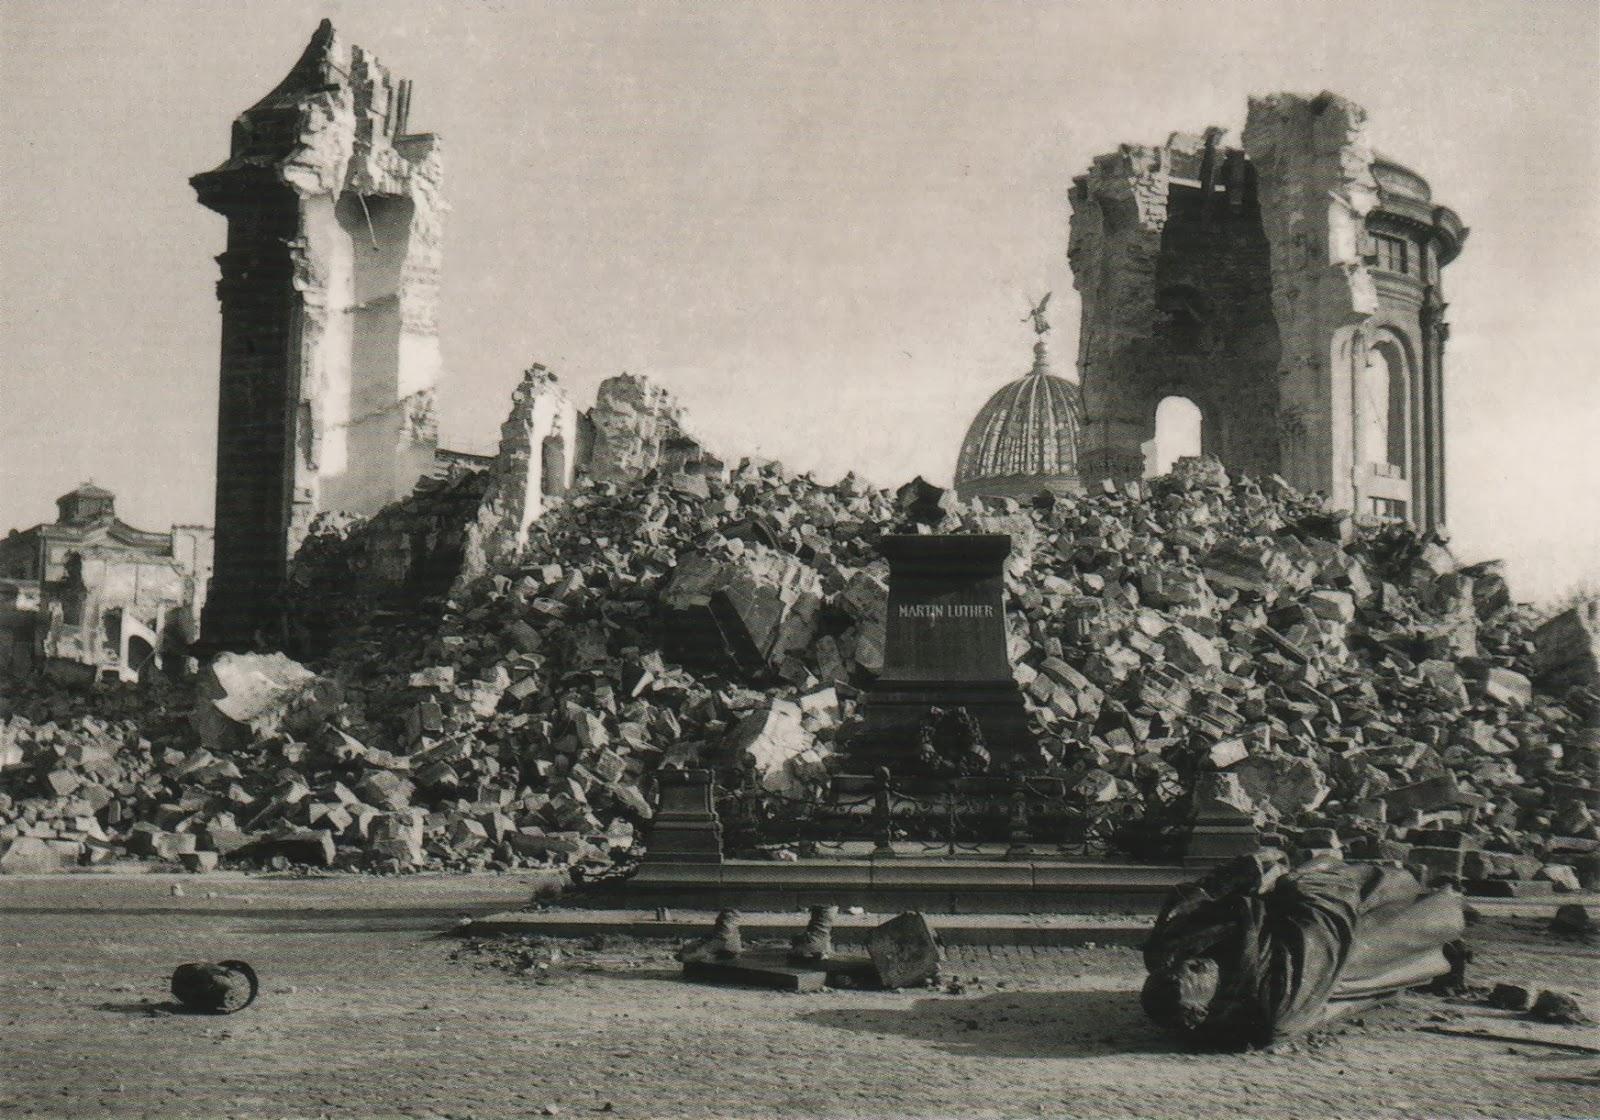 церковь Богородицы в дрездене после обстрела